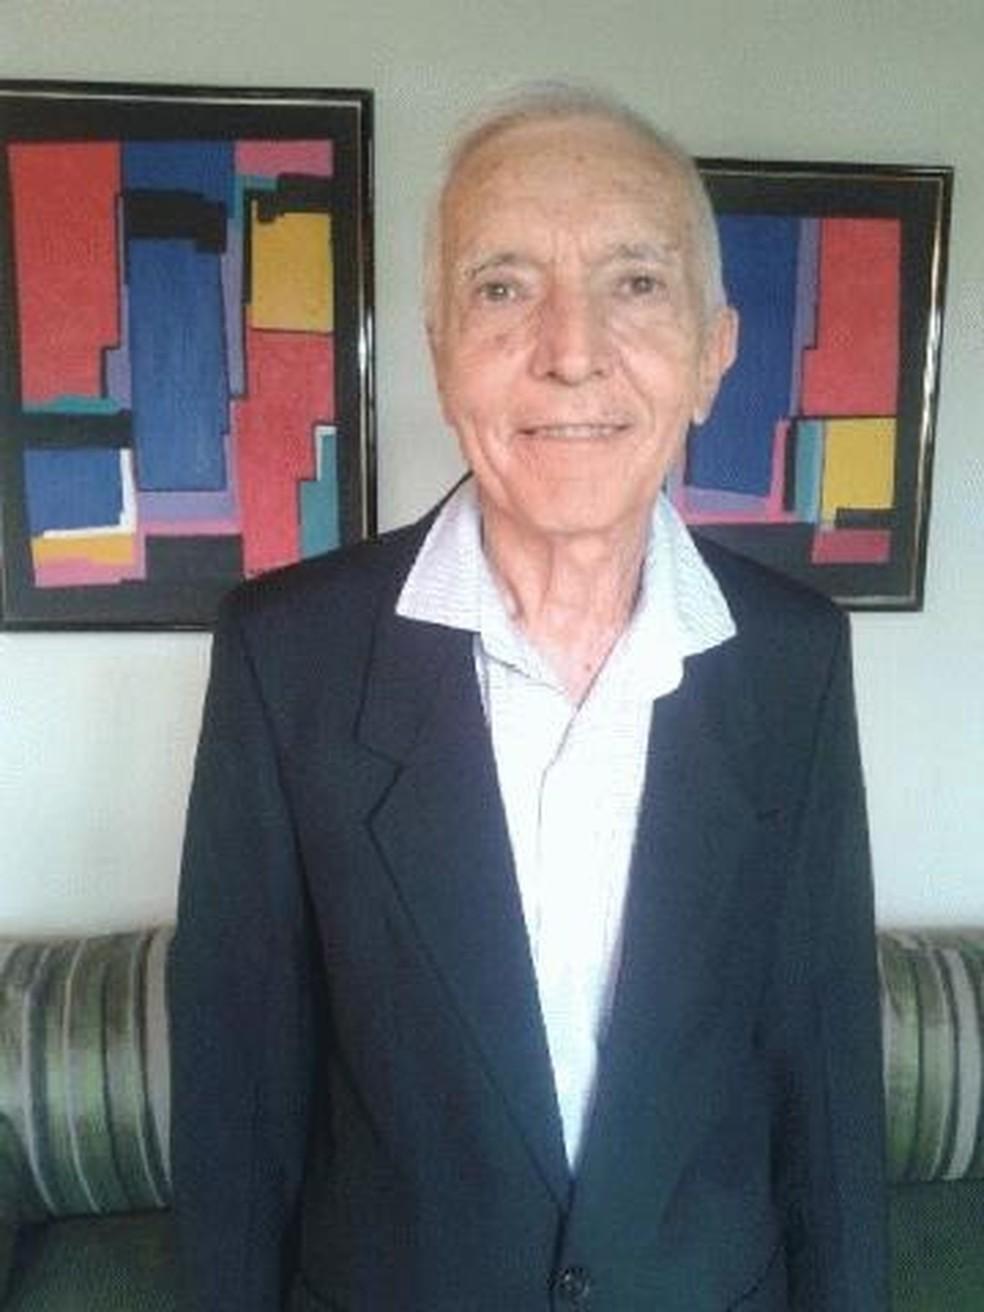 Vice-prefeito de Cesário Lange (SP) morre por falência múltipla de órgãos — Foto: Prefeitura Municipal de Cesário Lange